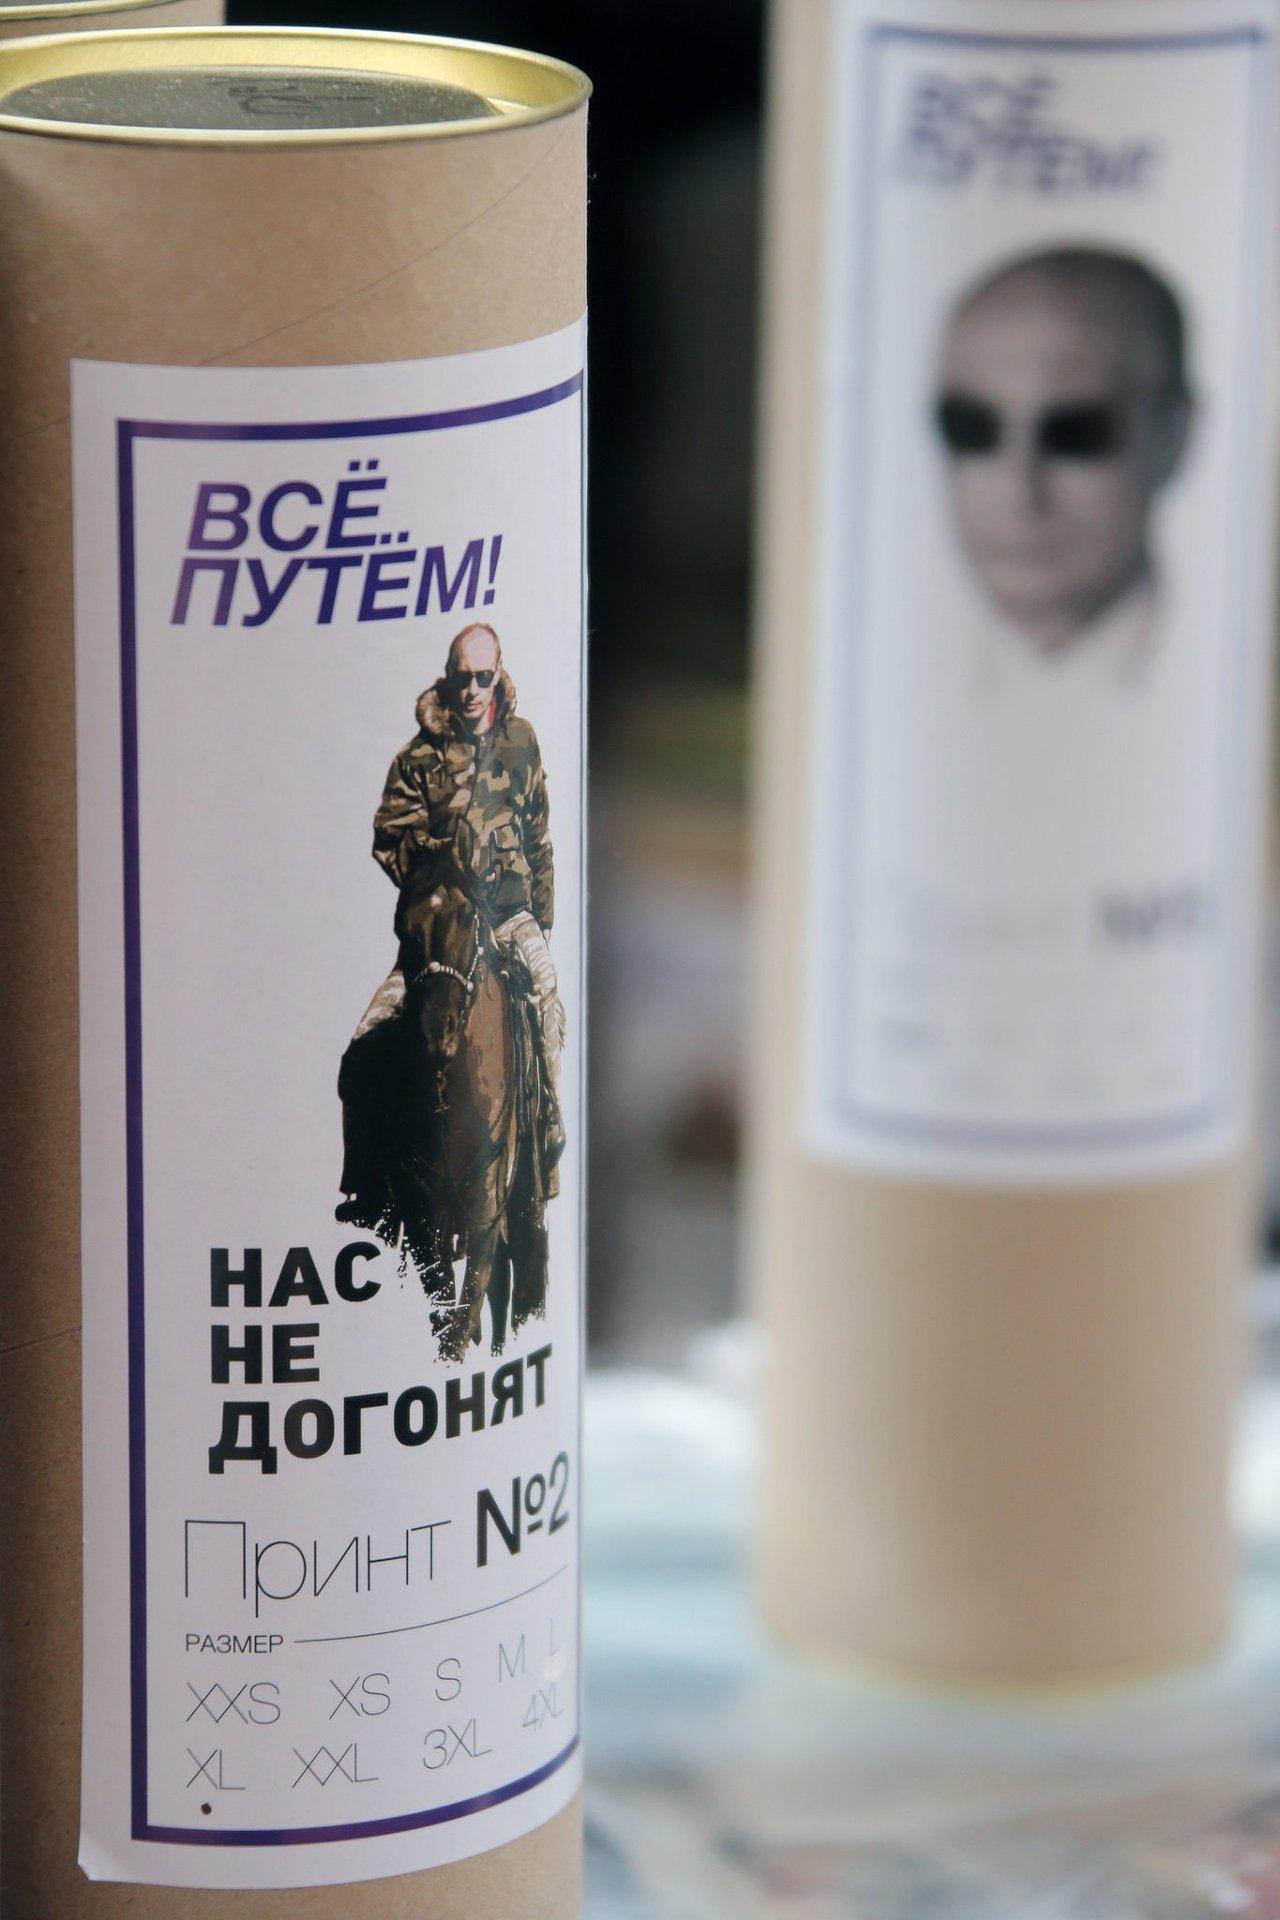 La présentation de tee-shirts à l'effigie du président russe Vladimir Poutine